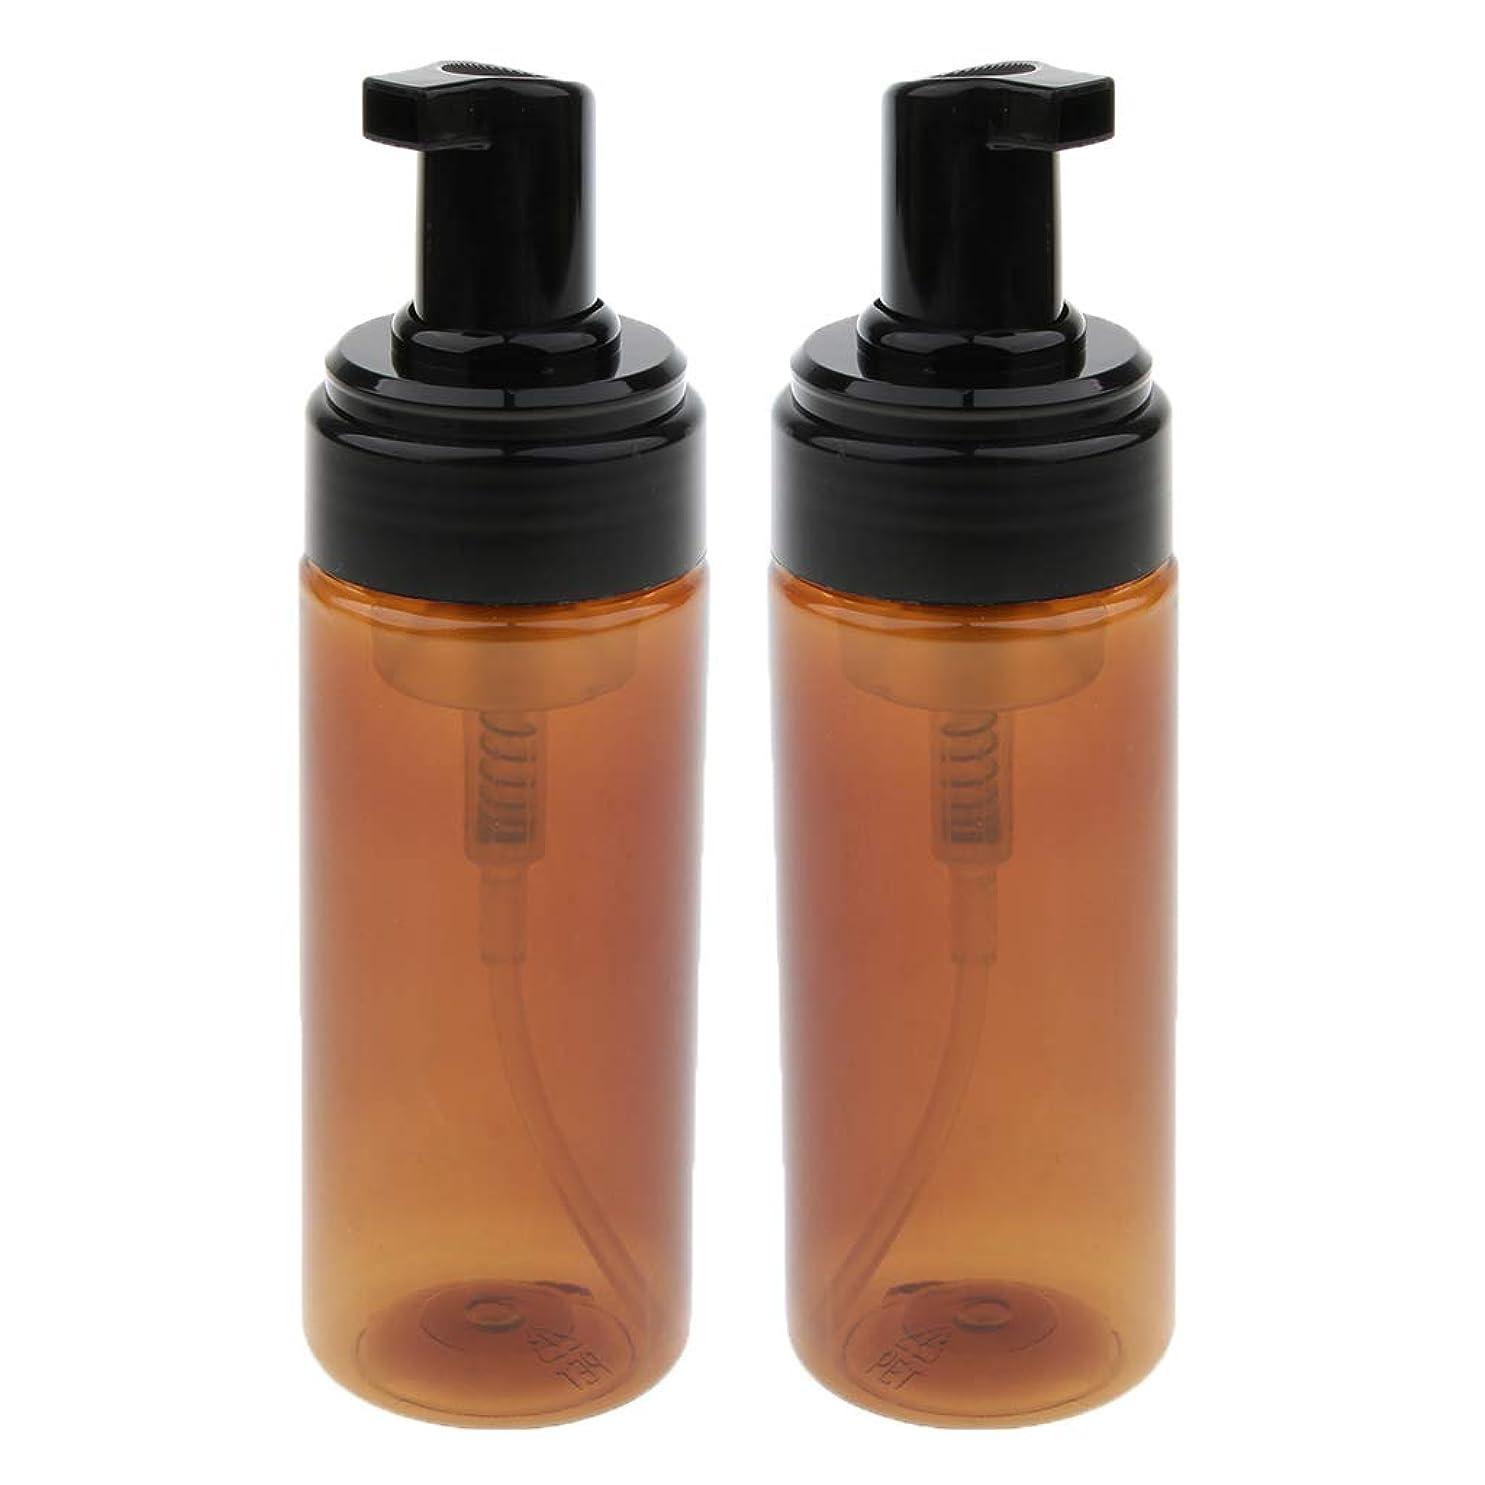 常に水例示するCUTICATE フォームボトル 液体発泡ディスペンサー ポンプボトル 石鹸ボトル 150ml 2本